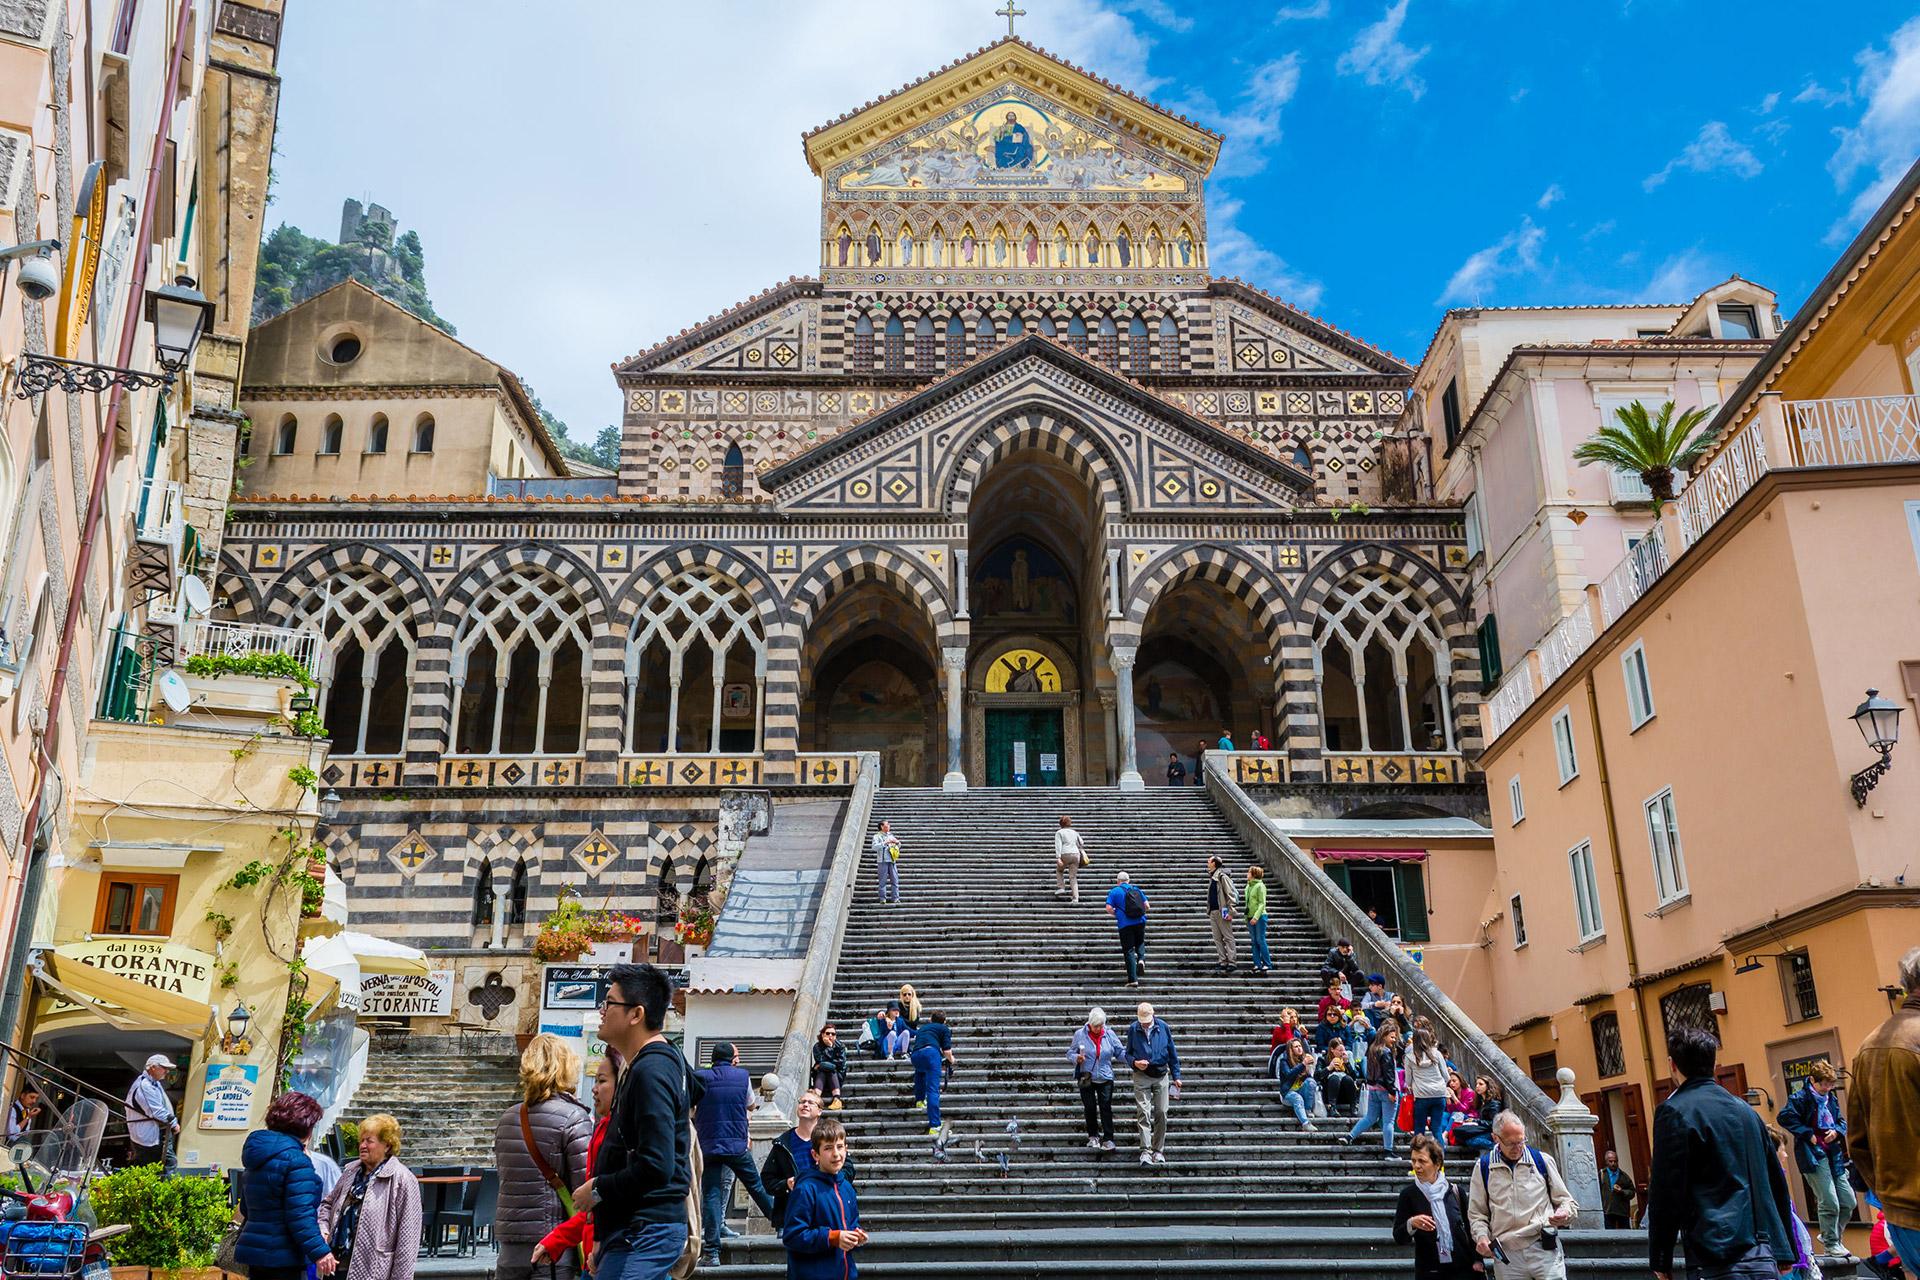 Pullman Napoli - Amalfi. Orari e biglietti | Omio (GoEuro)